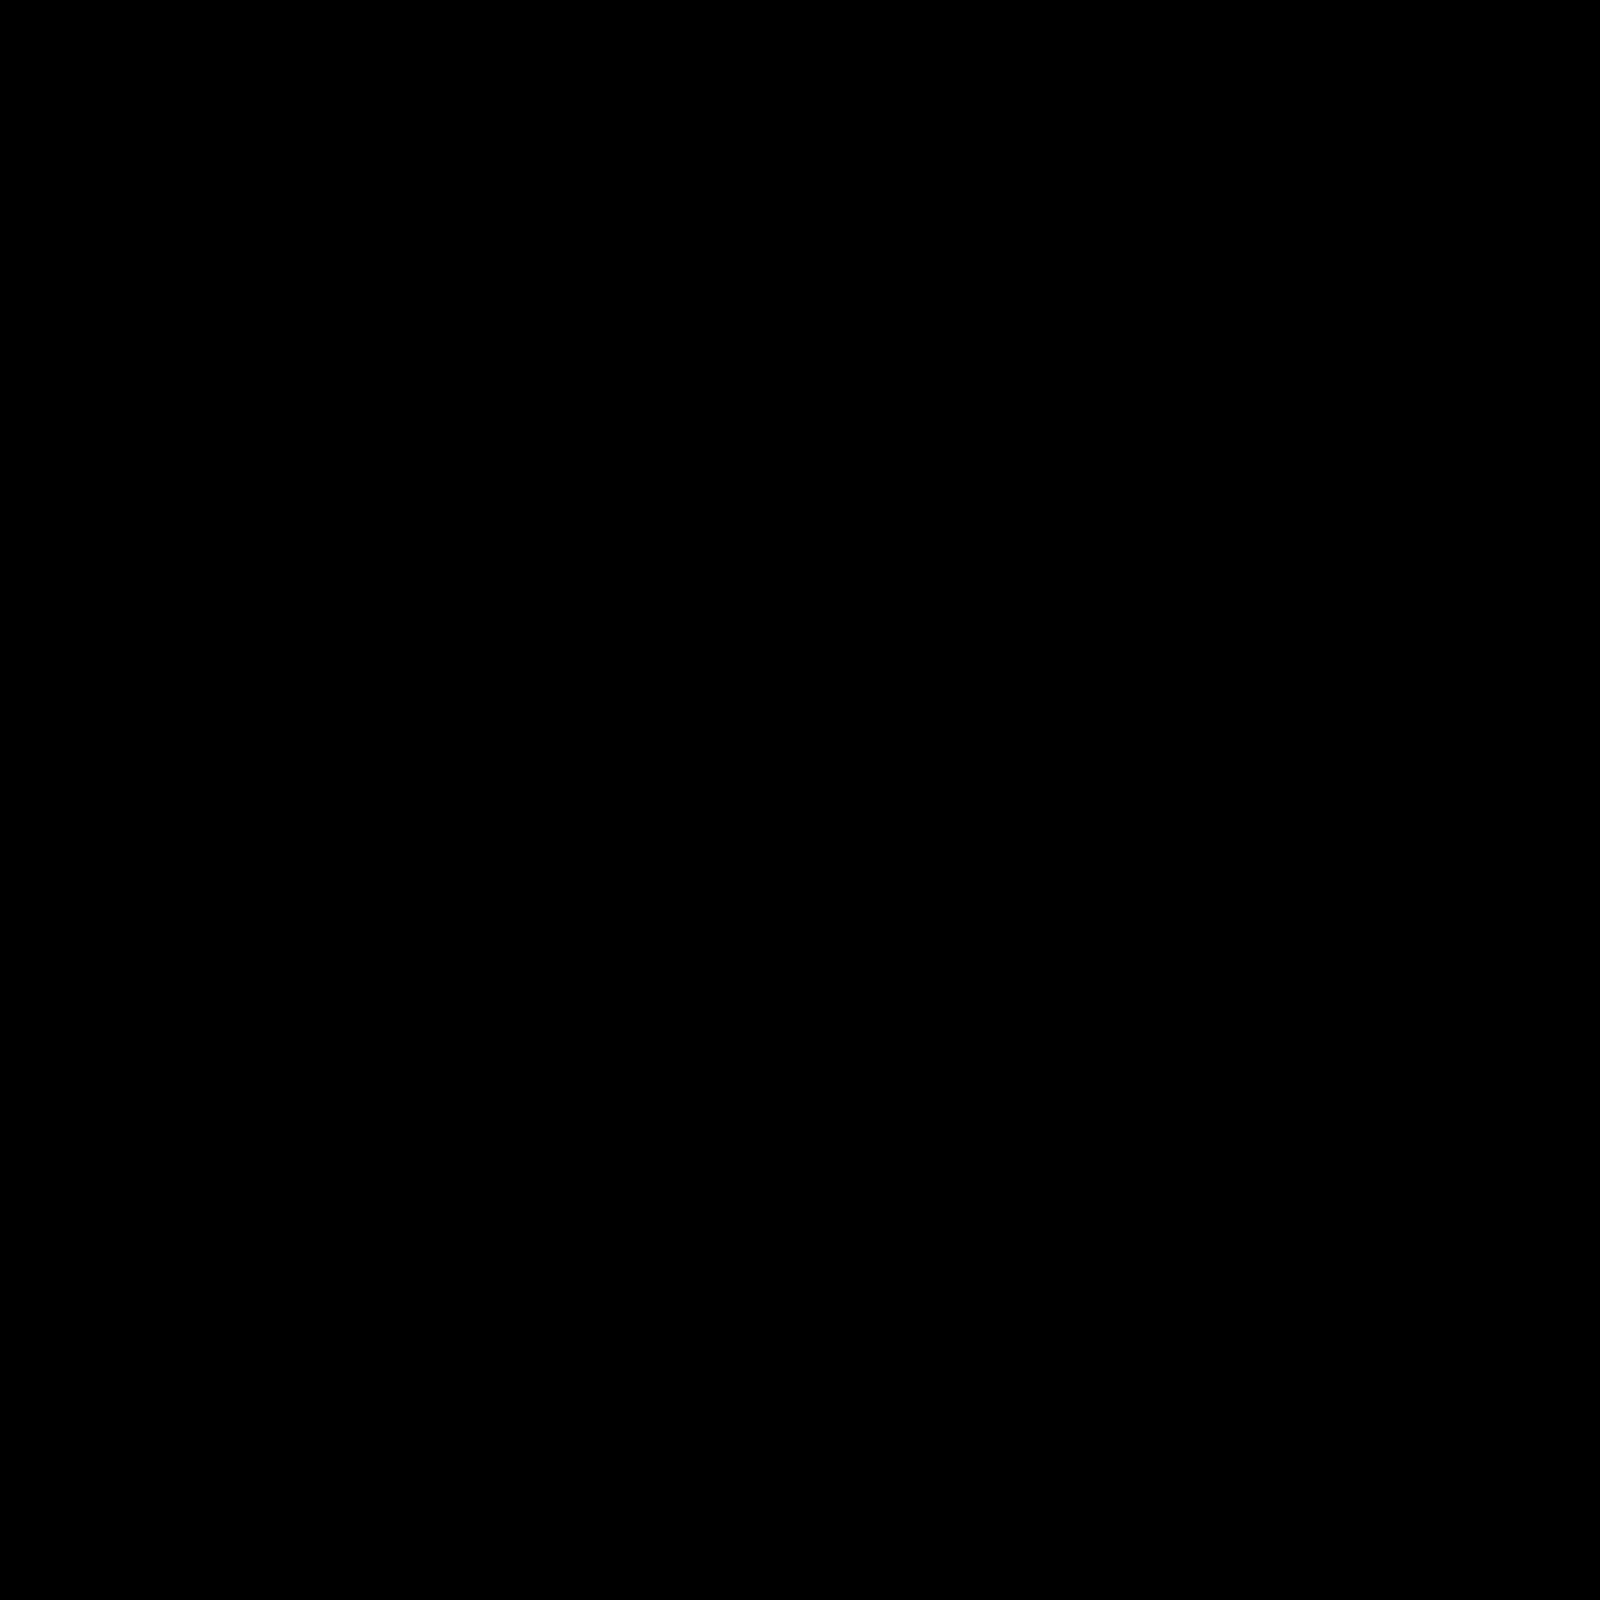 マイルストー icon